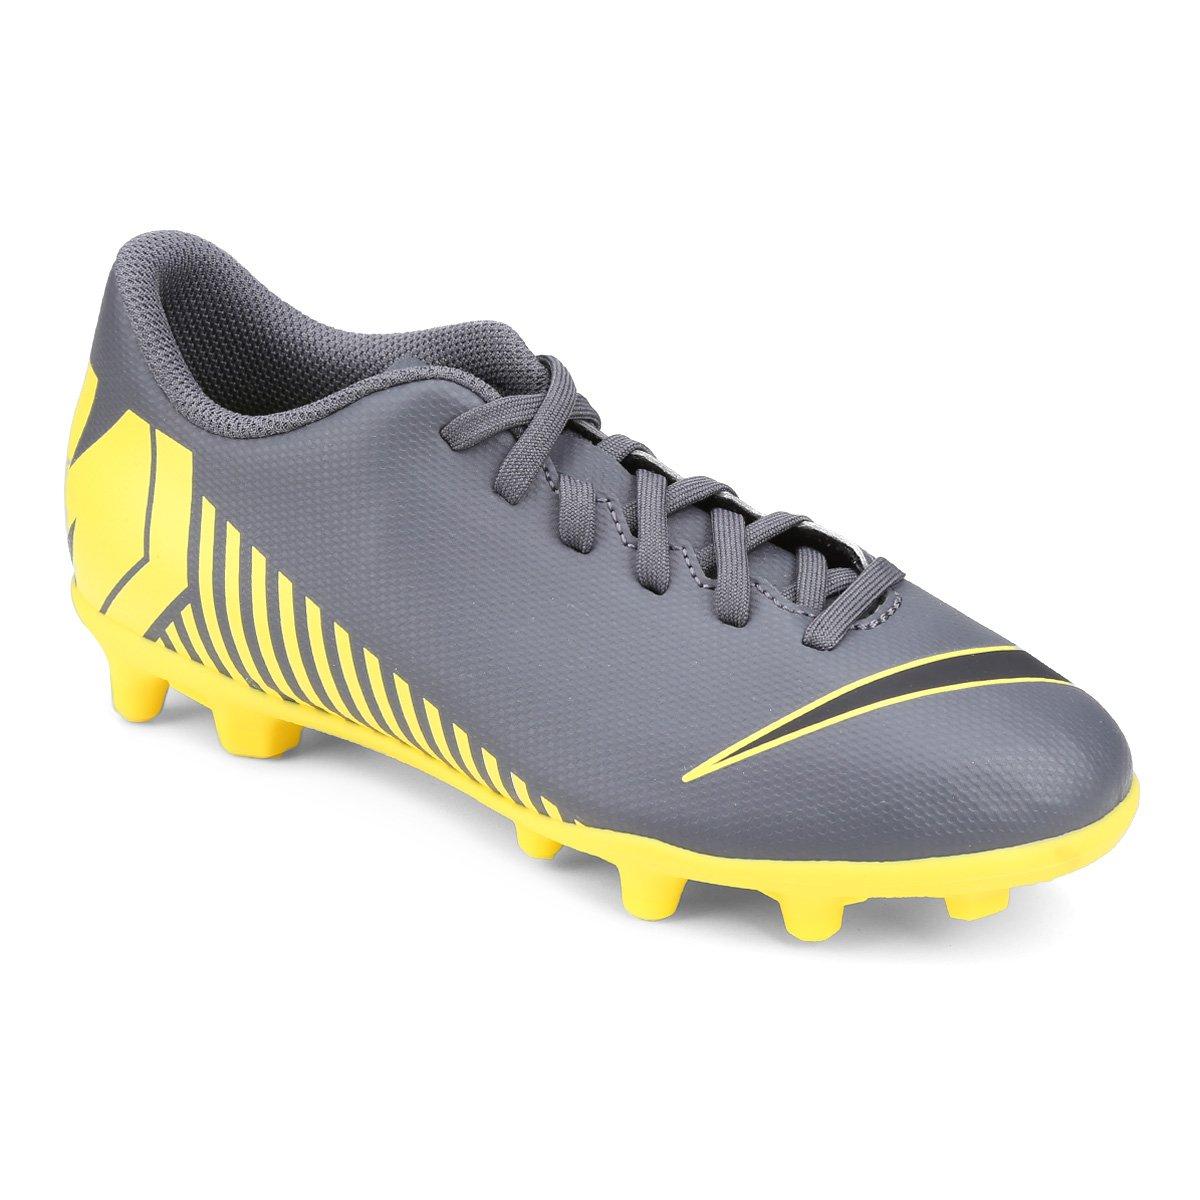 18c3c2b73723a Chuteira Campo Infantil Nike Mercurial Vapor 12 Club GS FG - Cinza e  Amarelo | Loja do Inter